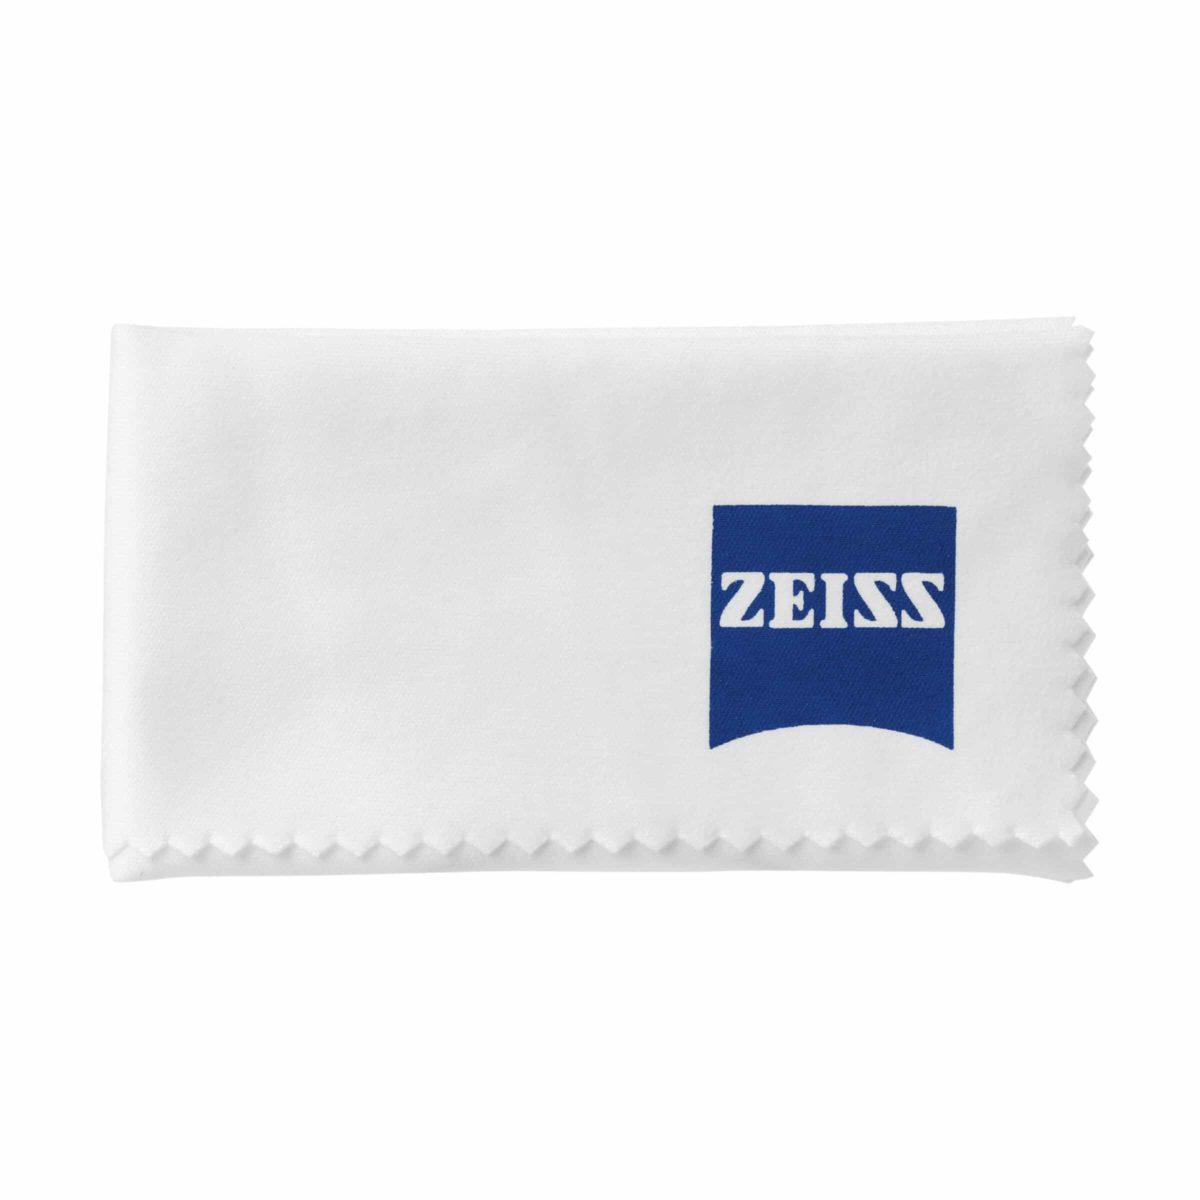 zeiss_mikrofasertuch_01